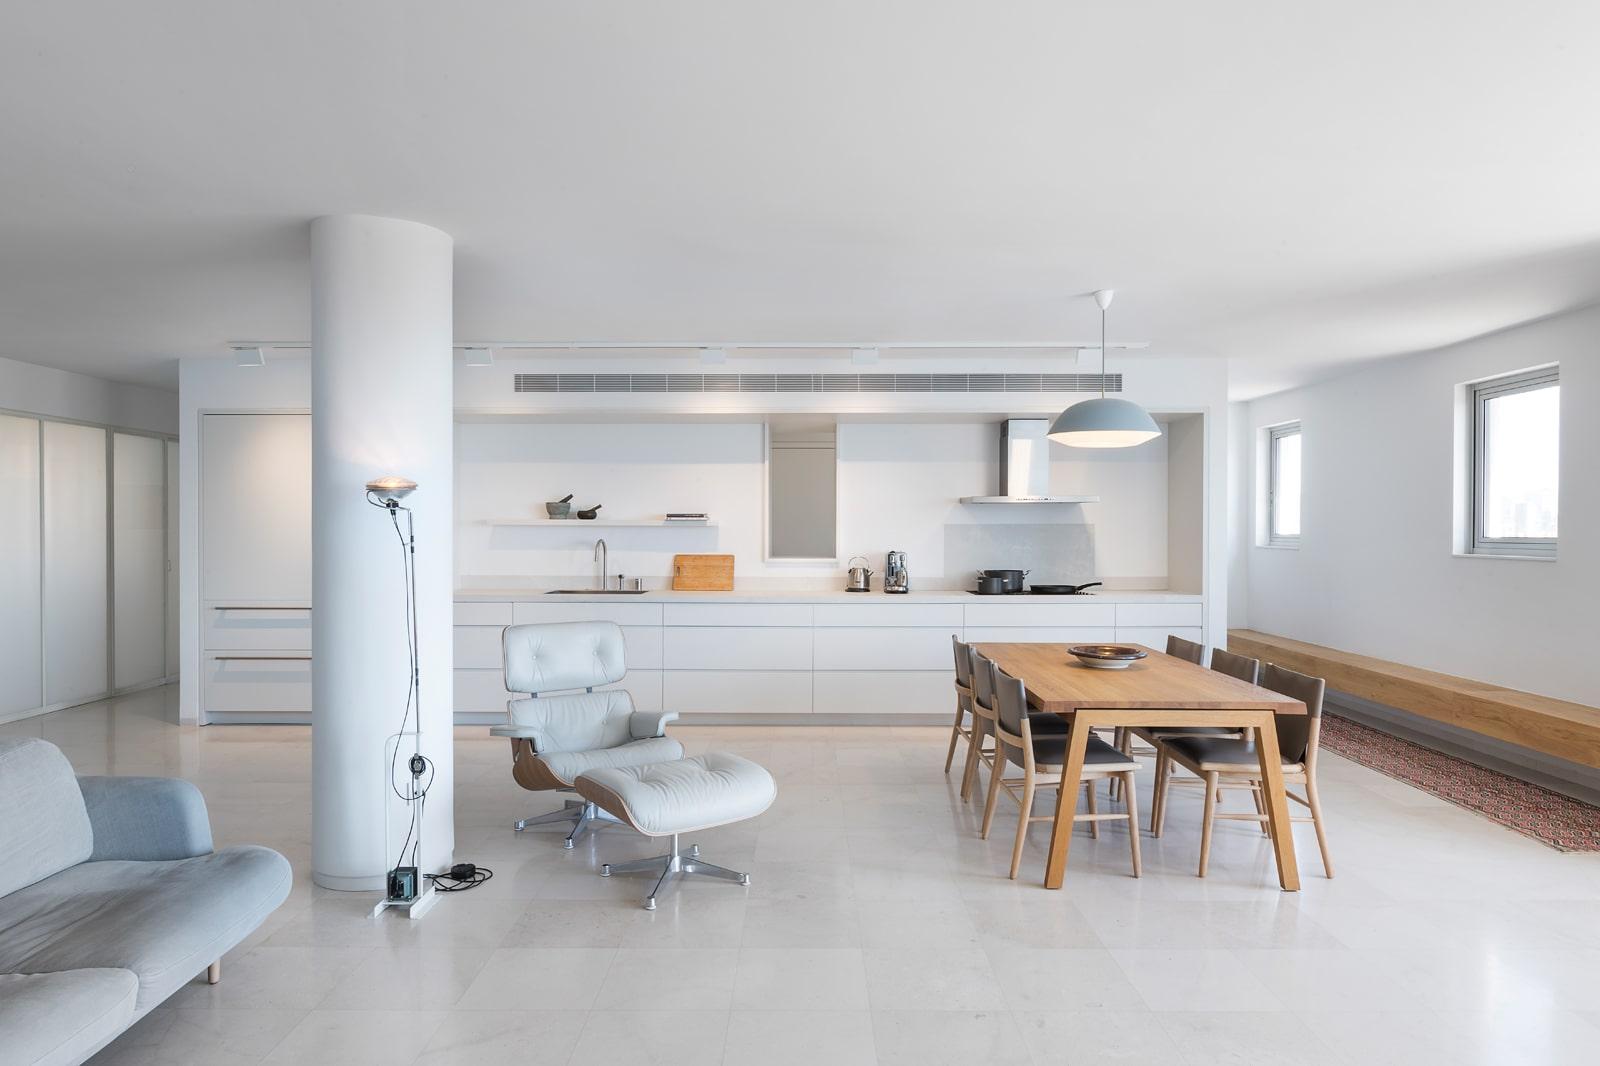 מטבח לבן פתוח נגרות בהתאמה אישית דירות יוקרתיות